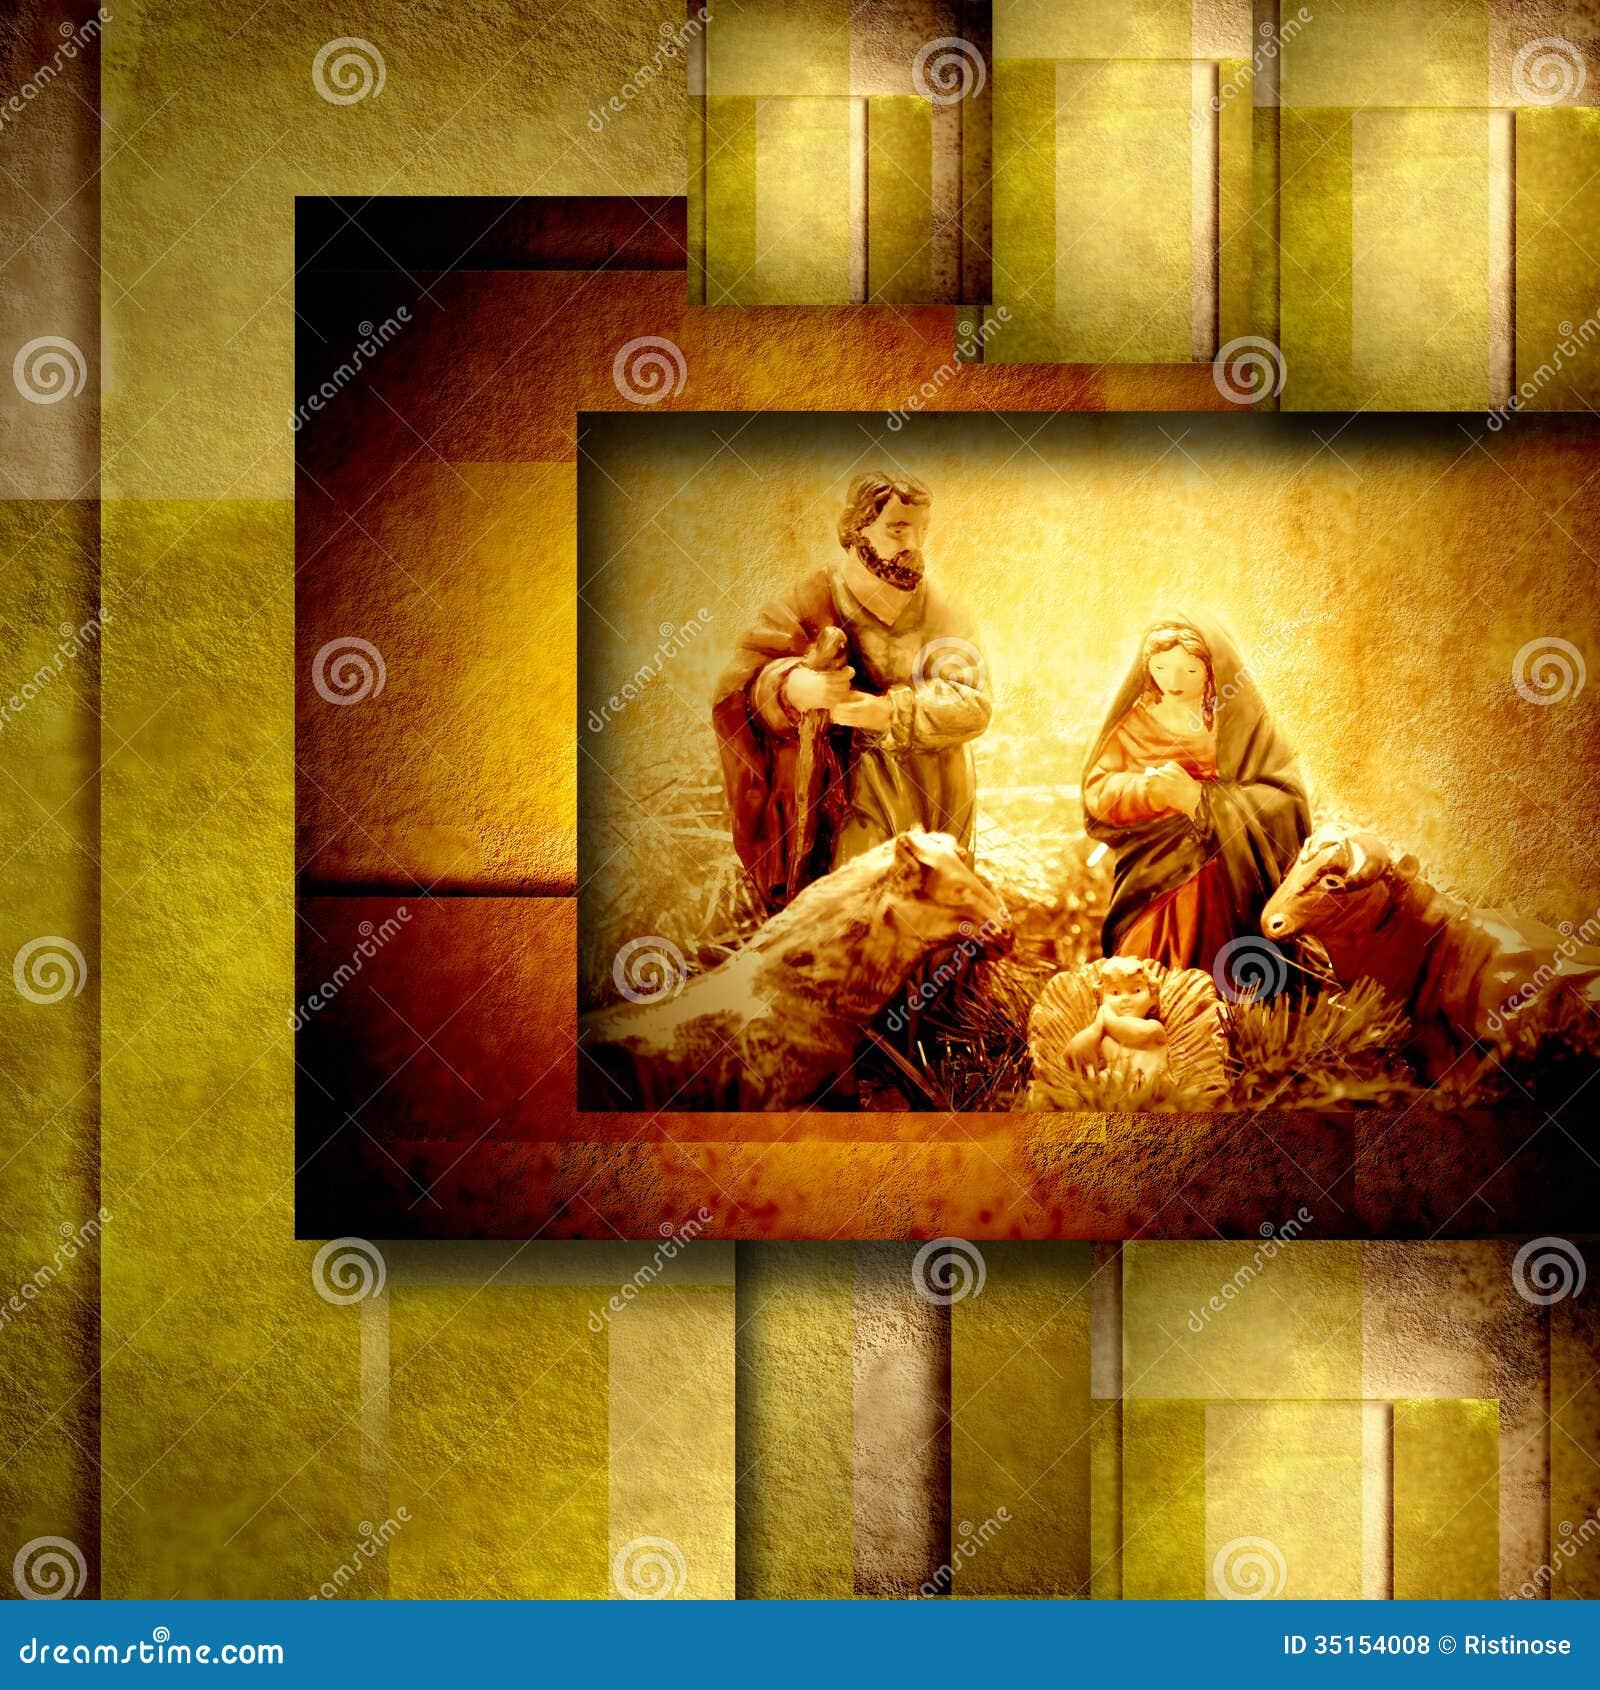 Religiöse Weihnachtskarten Nativiy-Szene Stock Abbildung ...